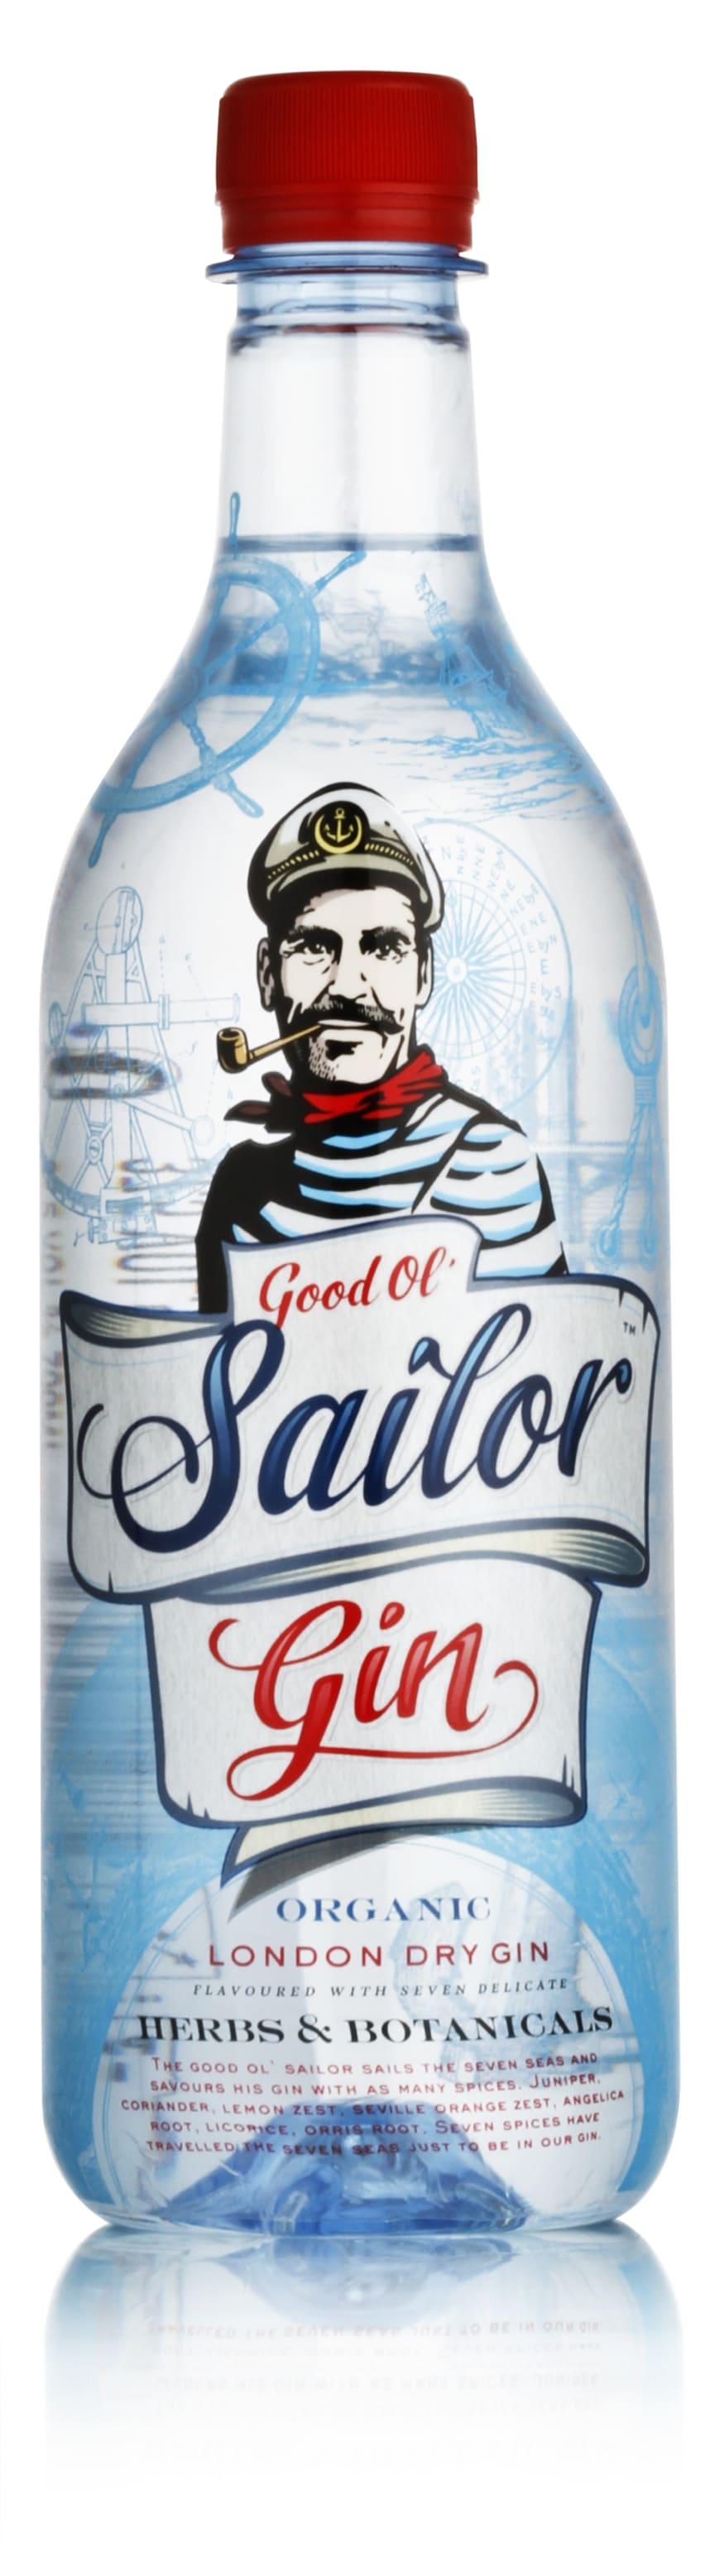 Good ol' Sailor Gin